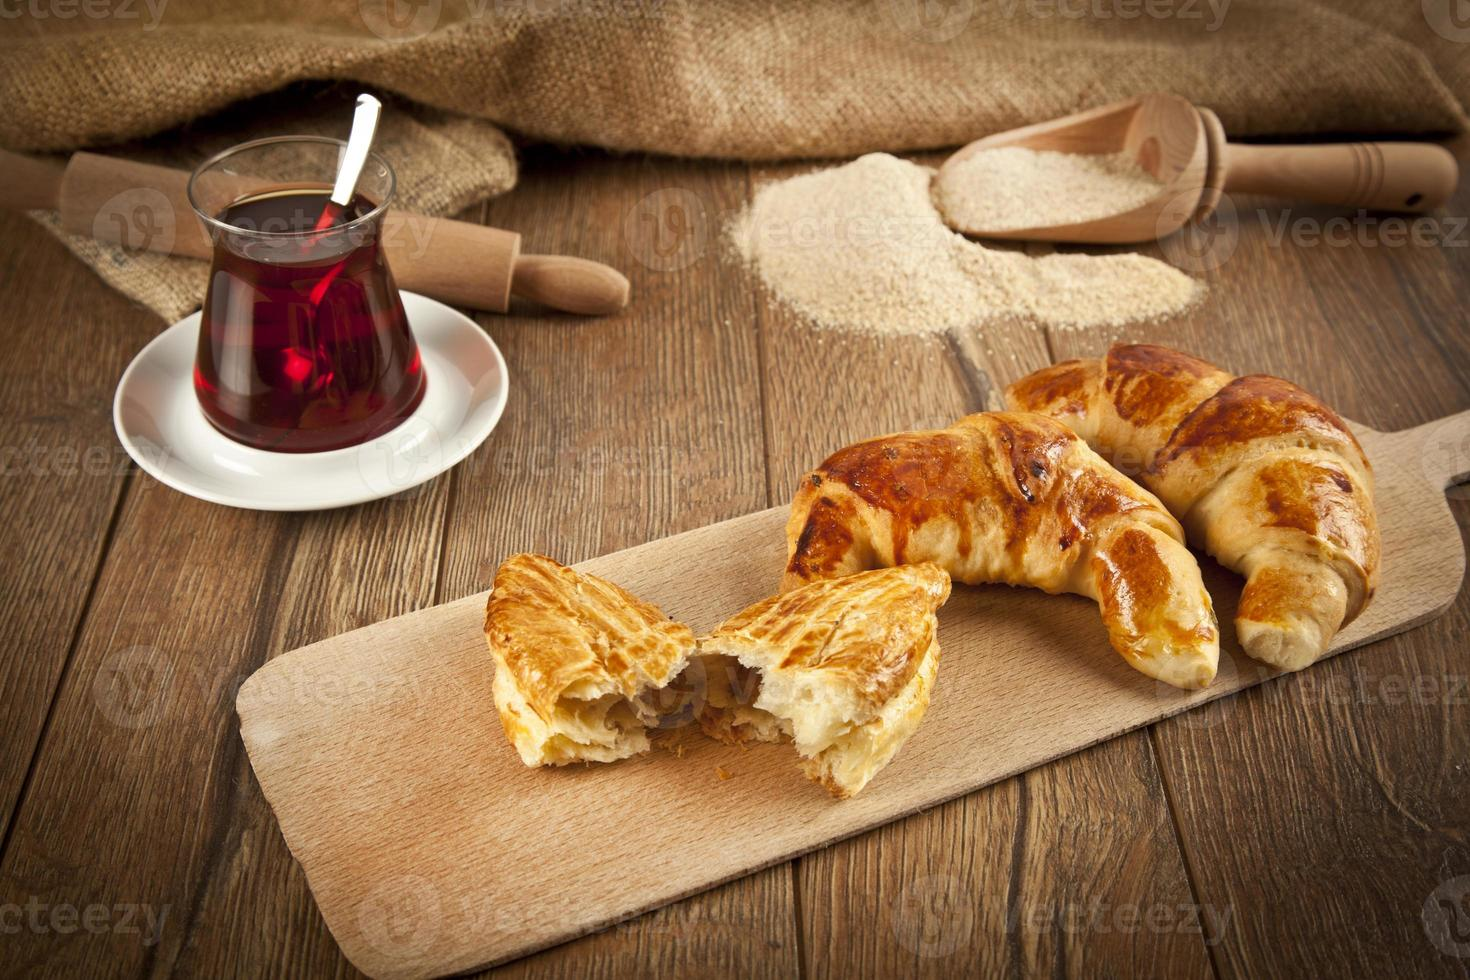 typisches türkisches Käsepogaca mit Holzteller und schwarzem Tee foto